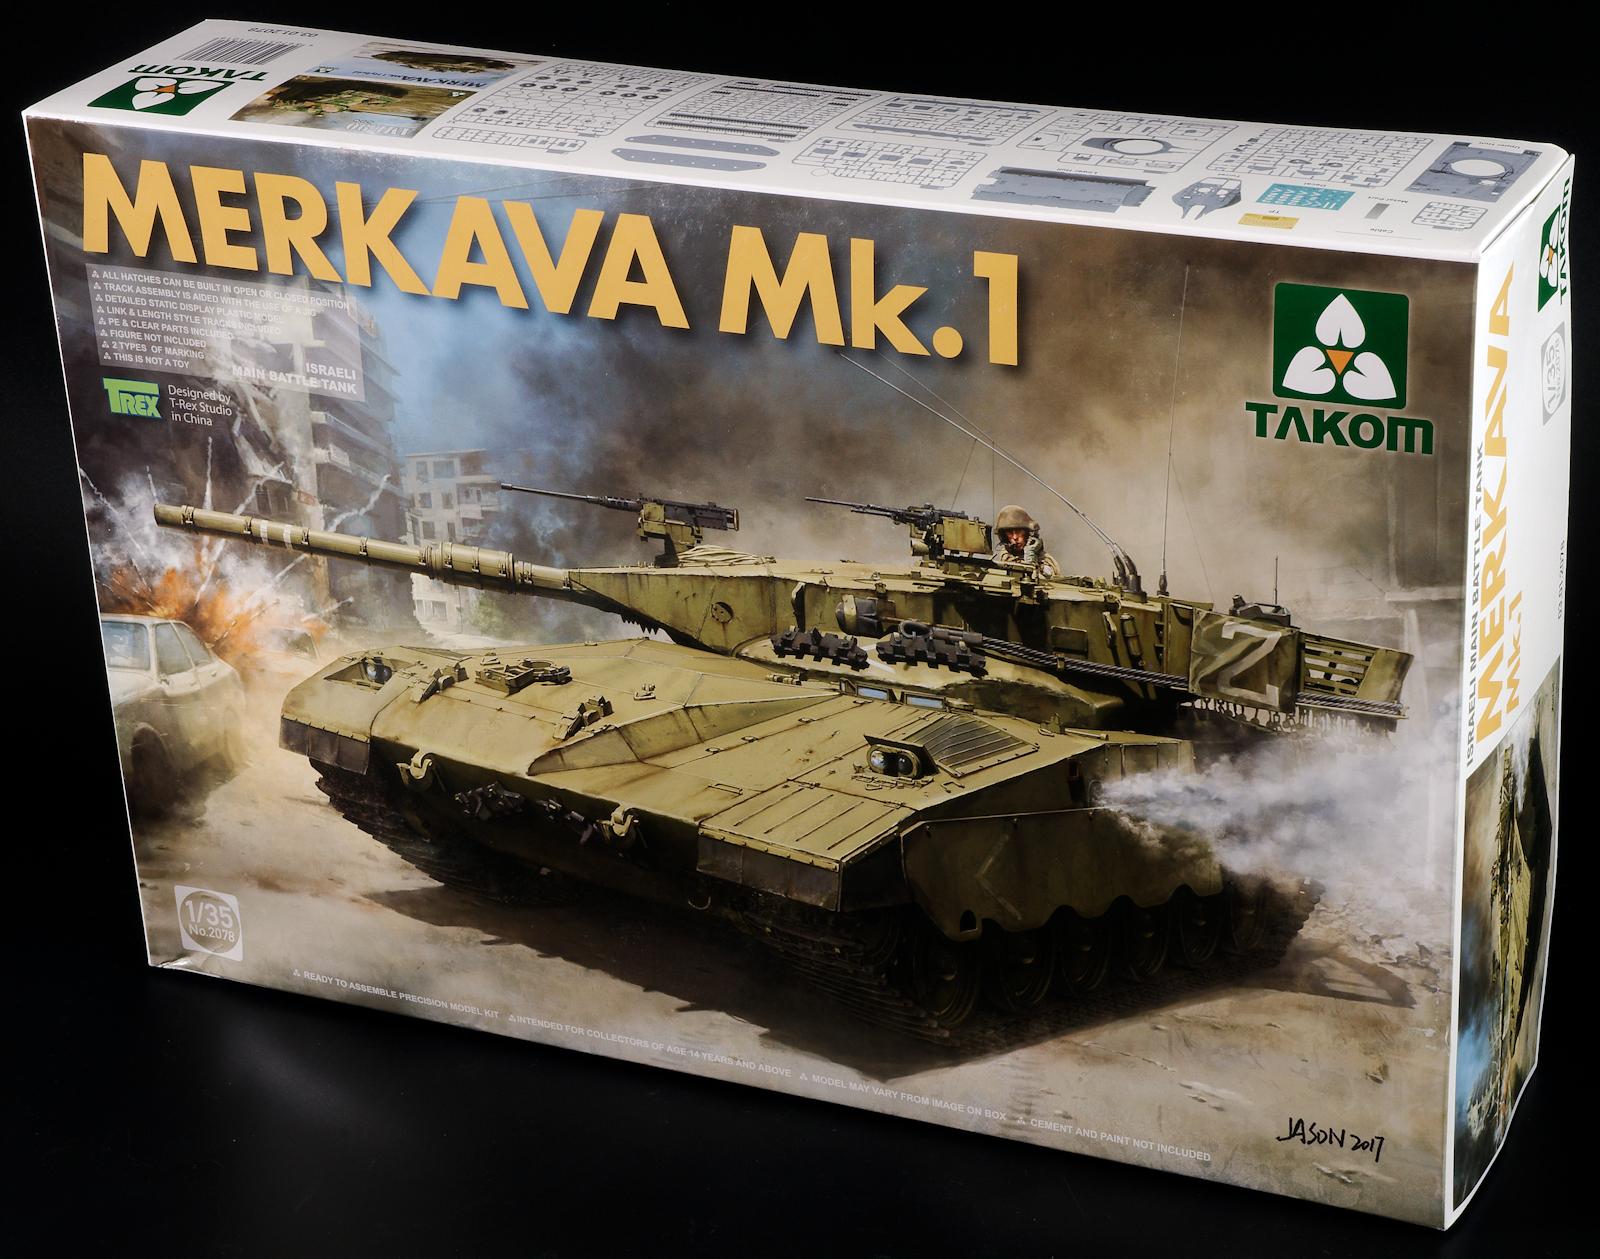 TAKOM 2078A 1//35 IDF Merkava Mk I MBT white box